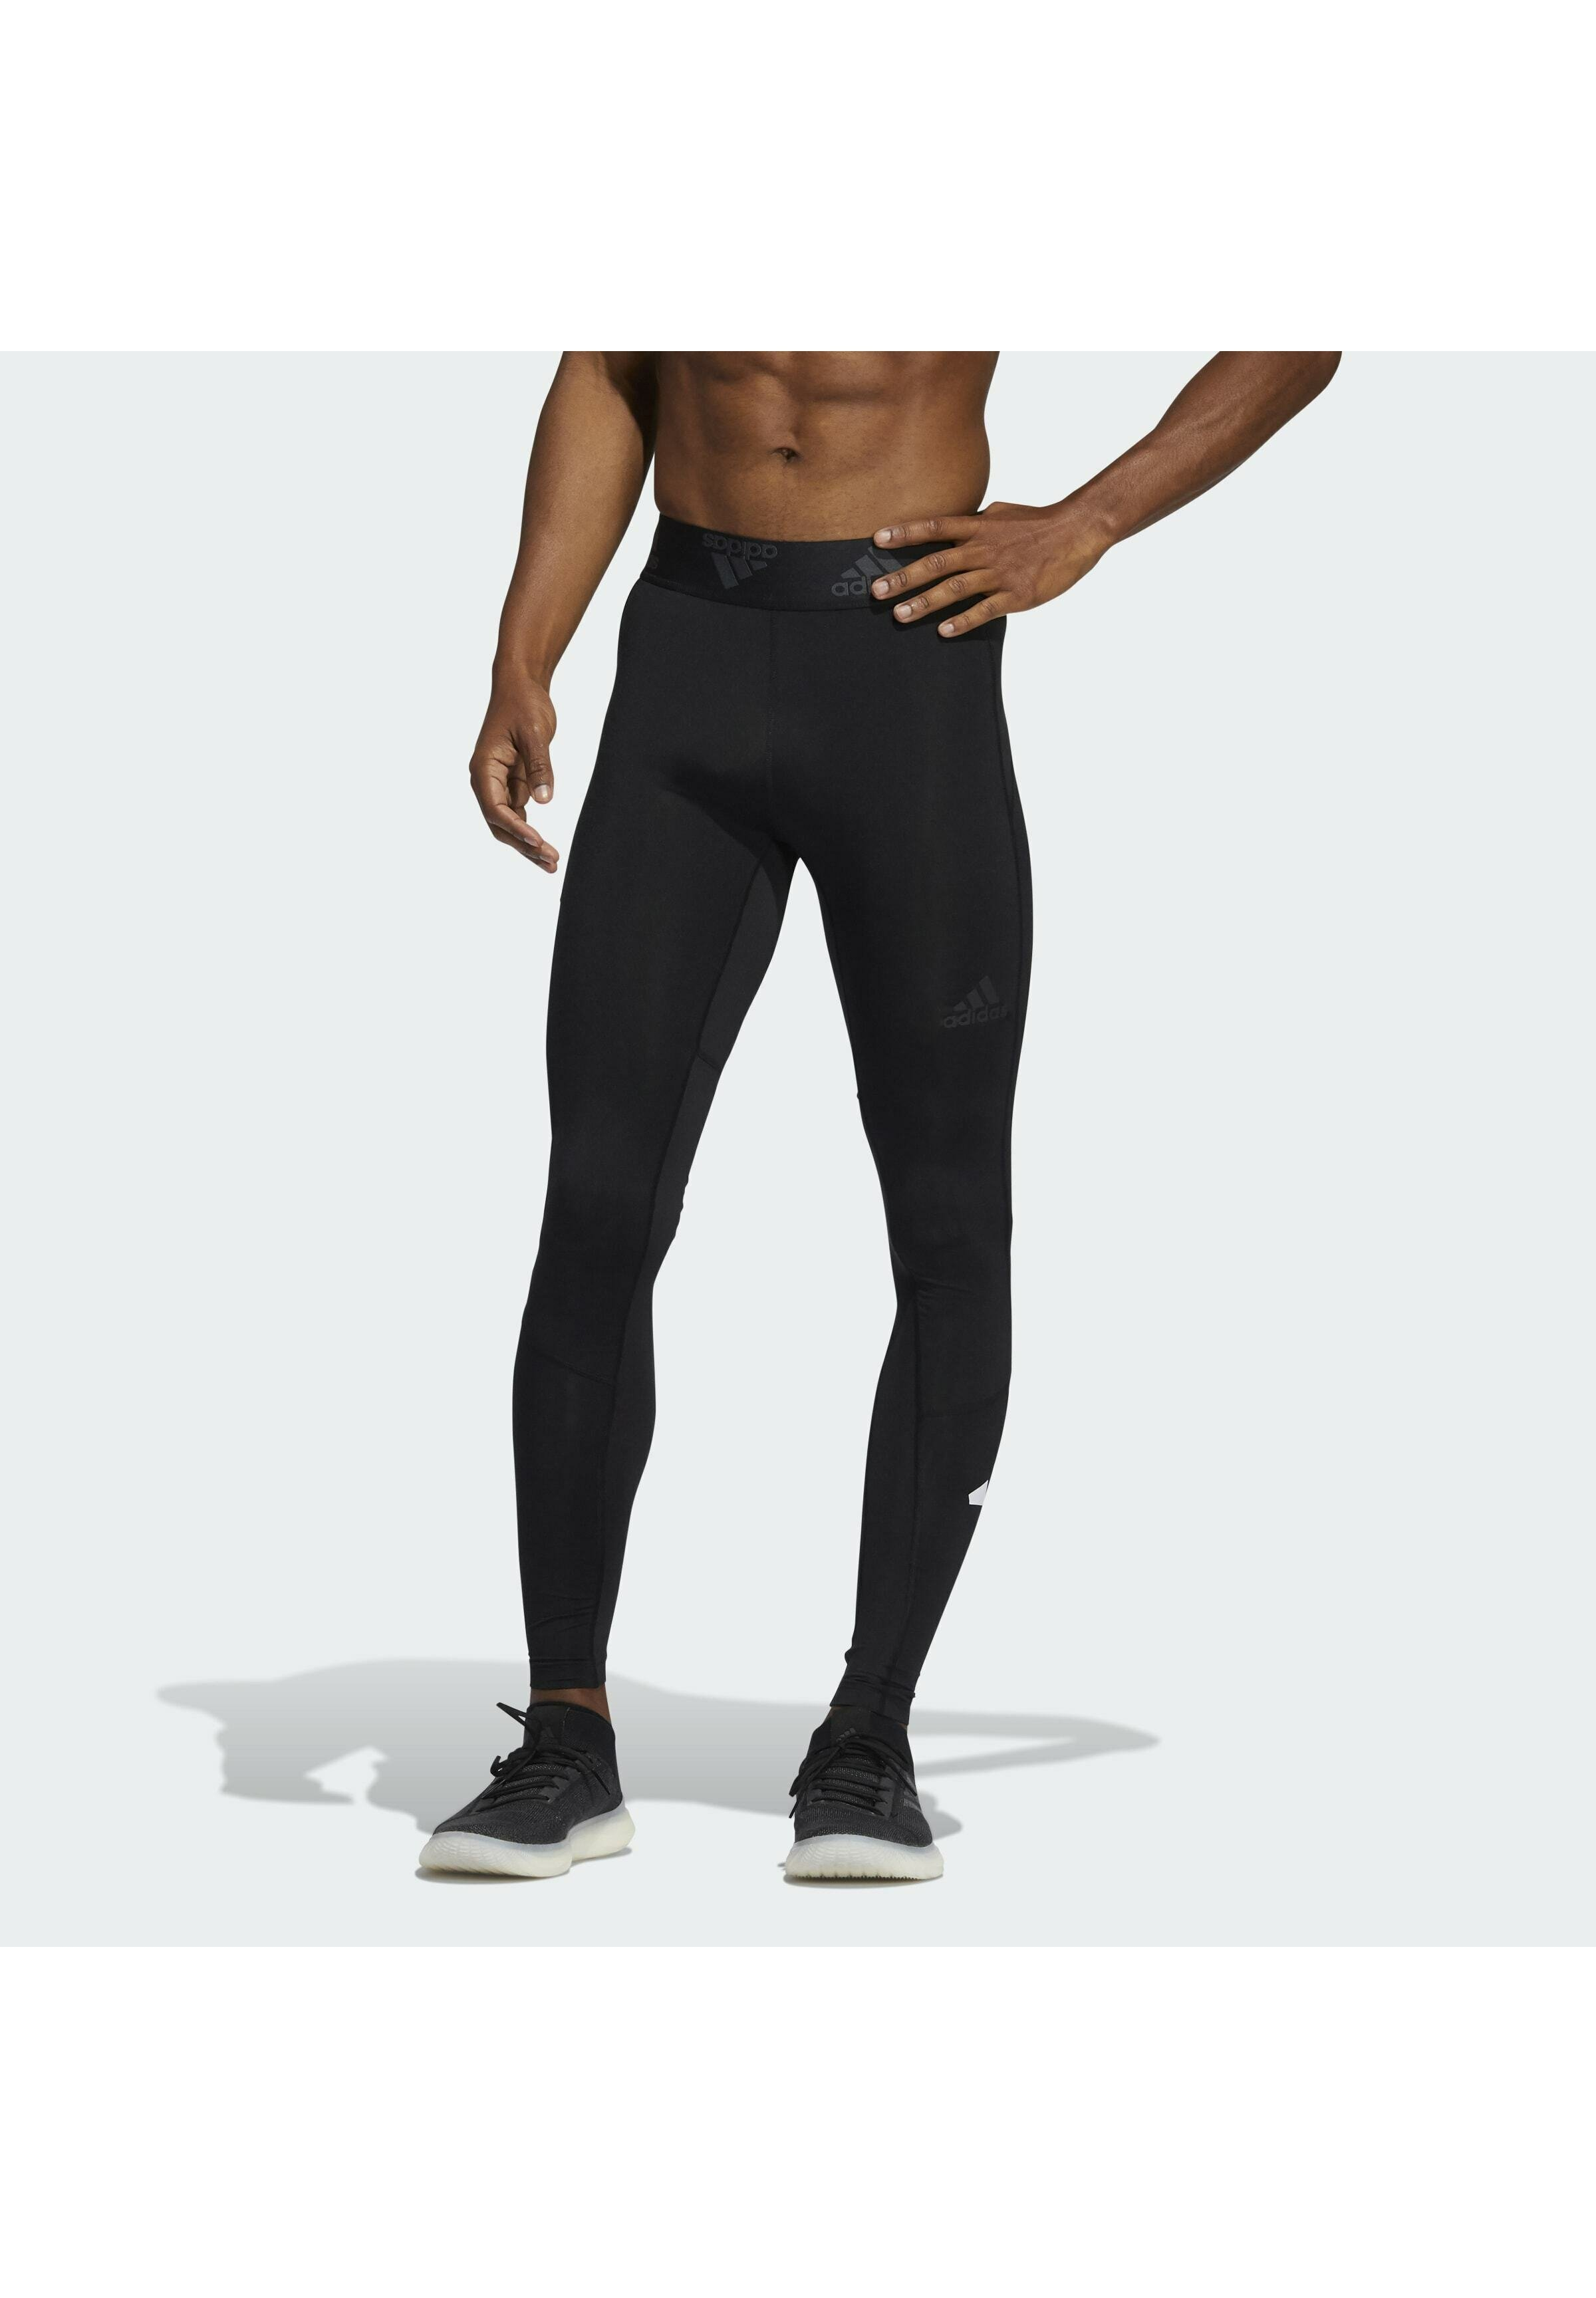 Men 3 BAR DESIGNED4TRAINING PRIMEGREEN TECHFIT SPORTS LEGGINGS - Leggings